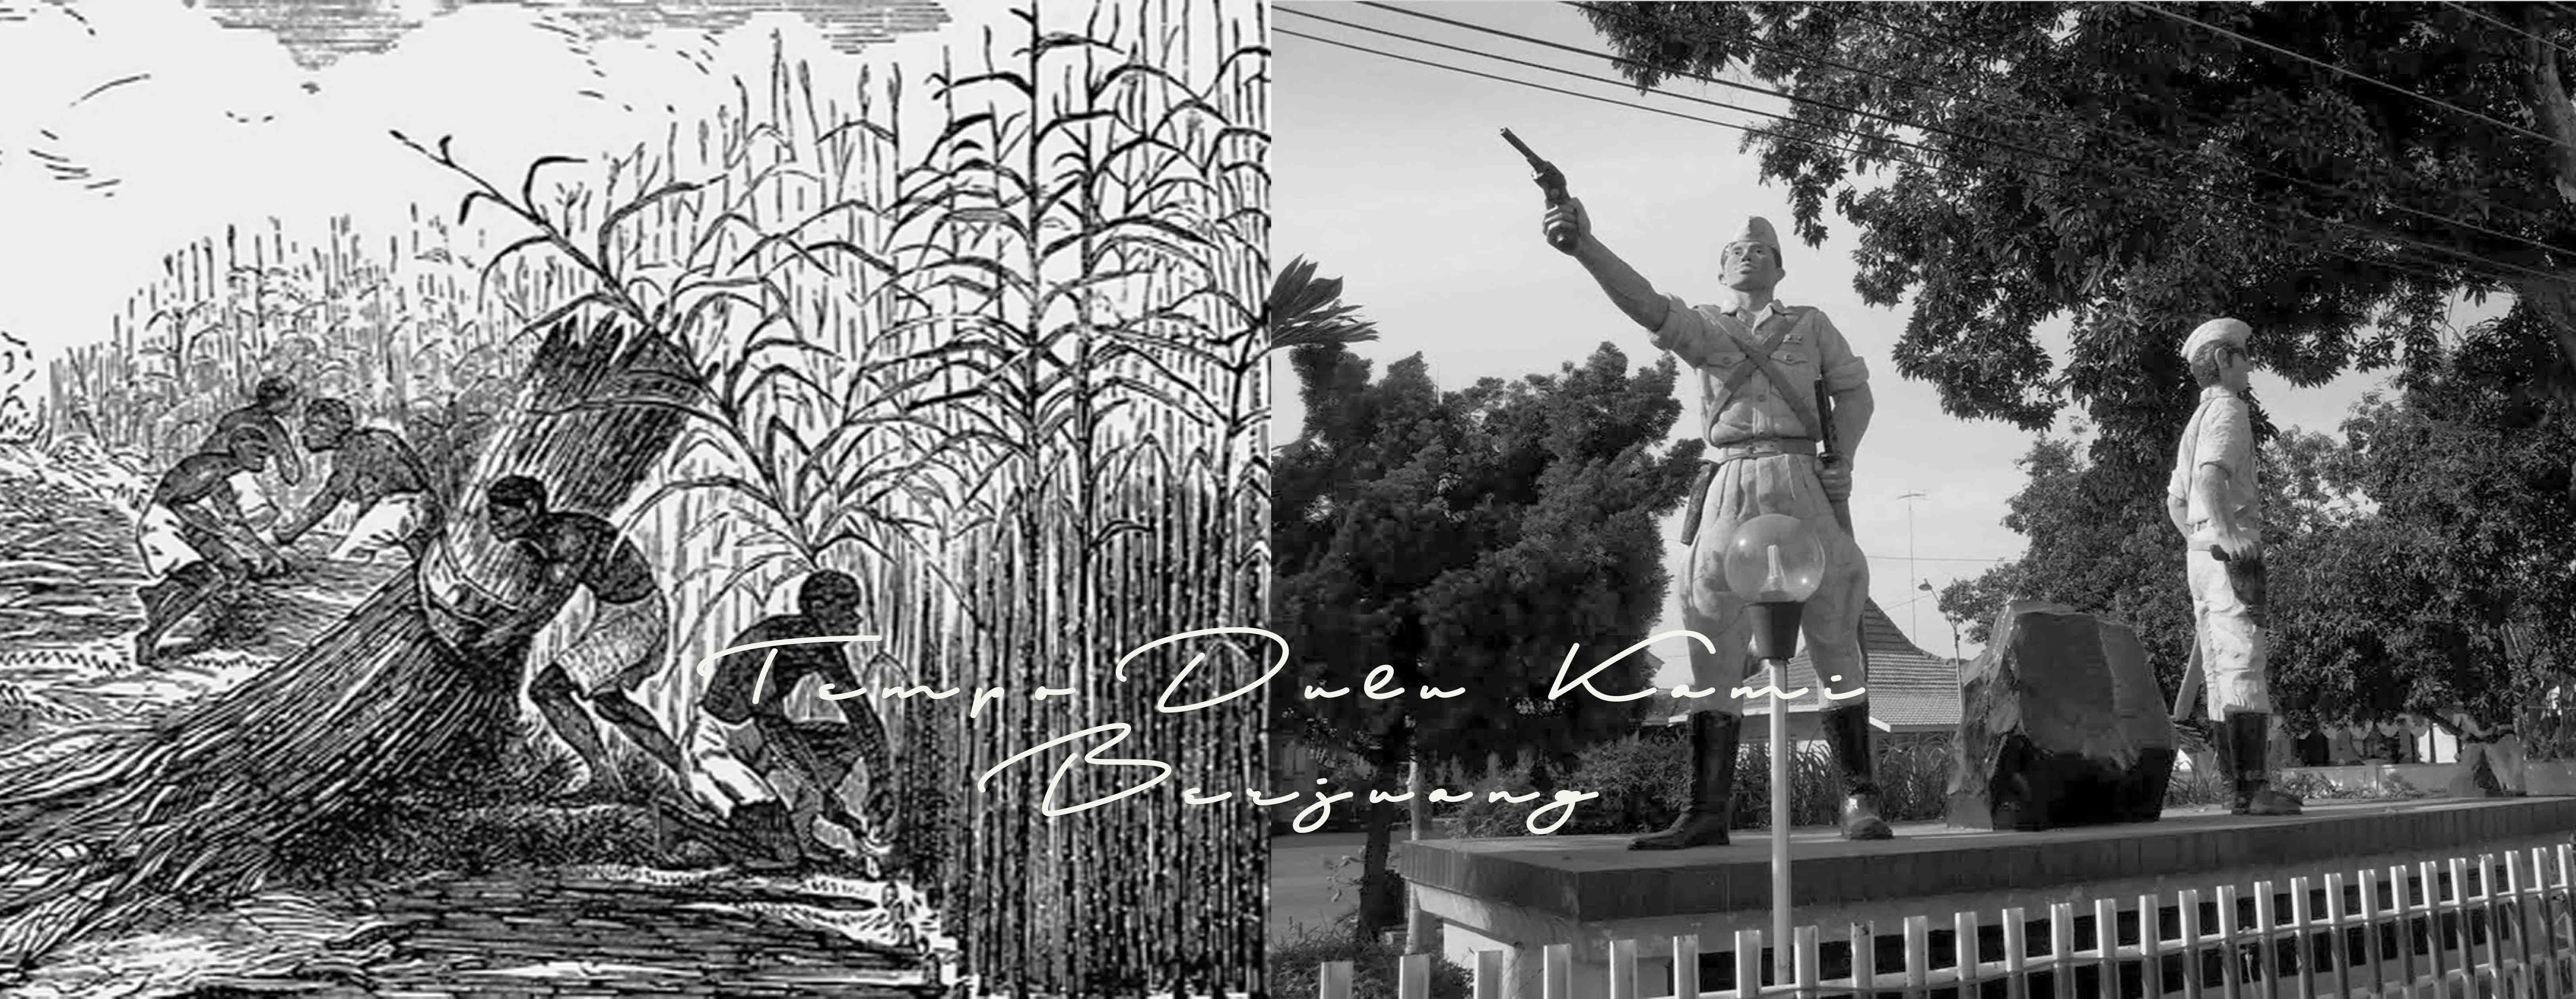 3 Monumen perjuangan di Situbondo ini bikin makin cinta pada pahlawan